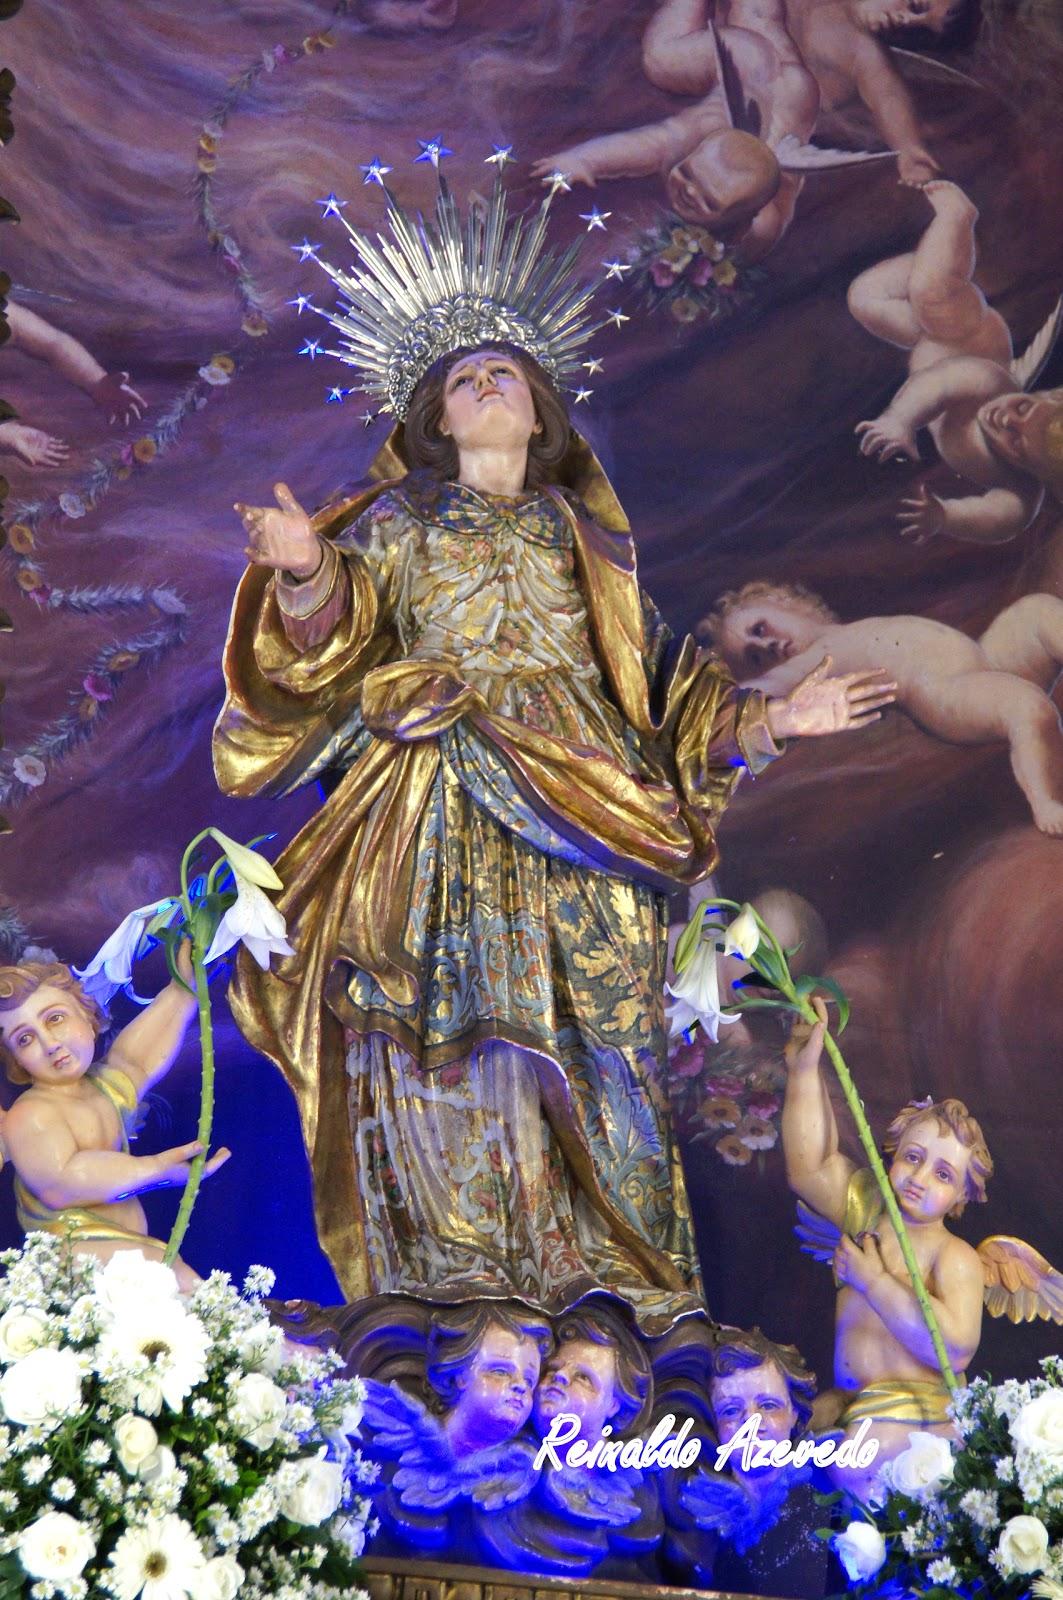 Equipes de Nossa Senhora -EQUIPE 1 - N. S. DA ASSUNÇÃO - Setor Lagos: Nossa Senhora da Assunção ...